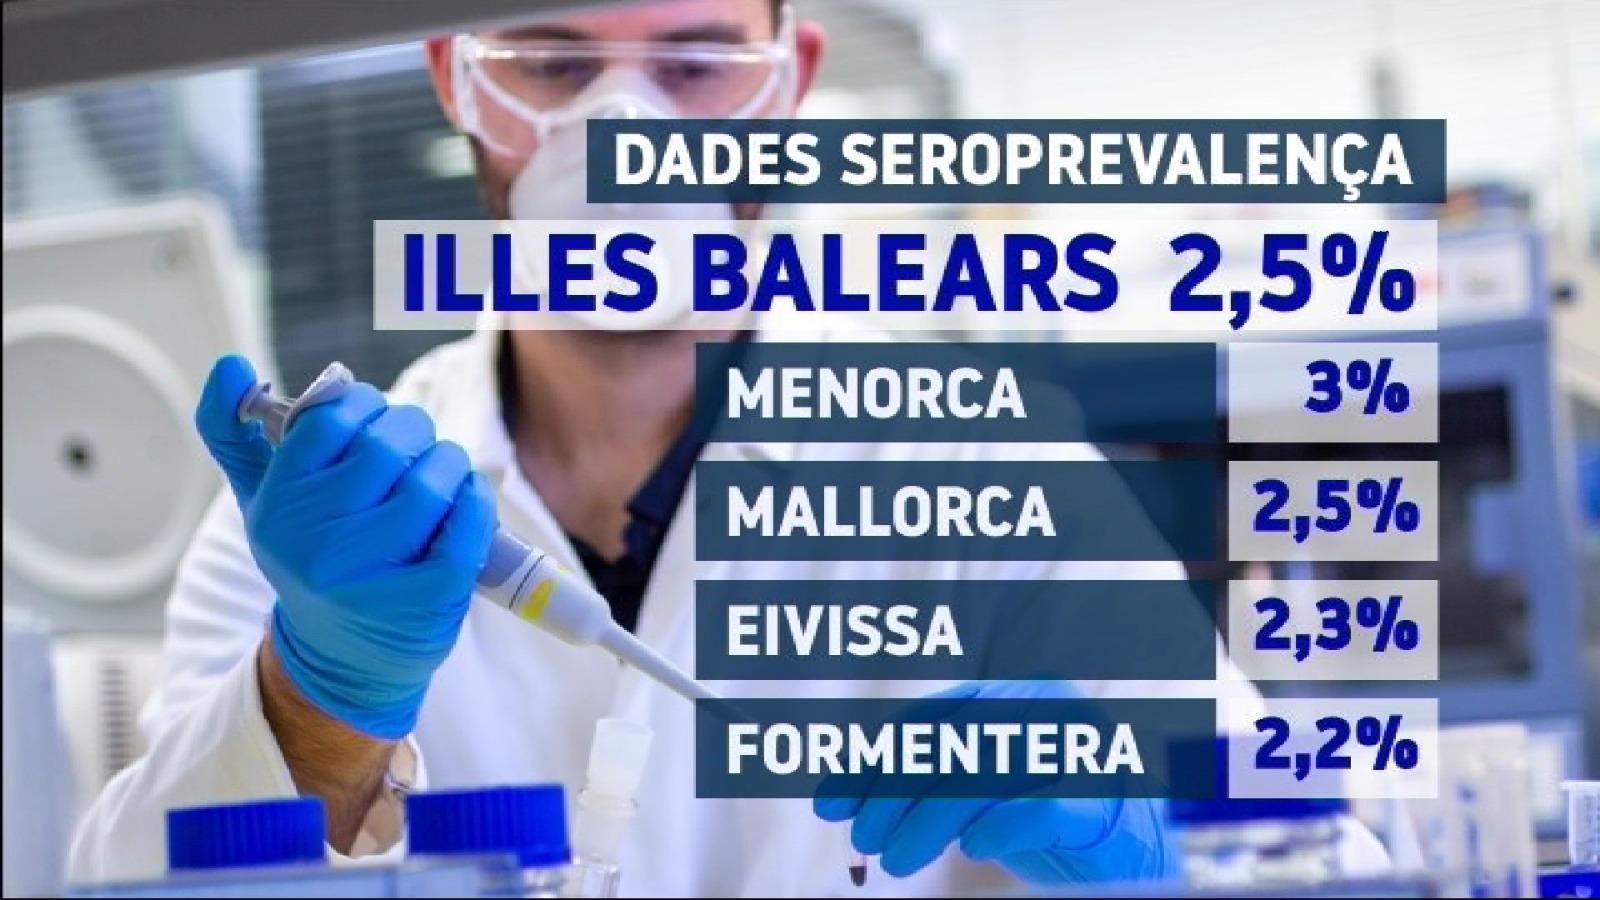 Menorca+%C3%A9s+l%26apos%3Billa+amb+major+prevalen%C3%A7a+de+la+Covid-19%2C+el+3%2525+de+la+poblaci%C3%B3+t%C3%A9+anticossos